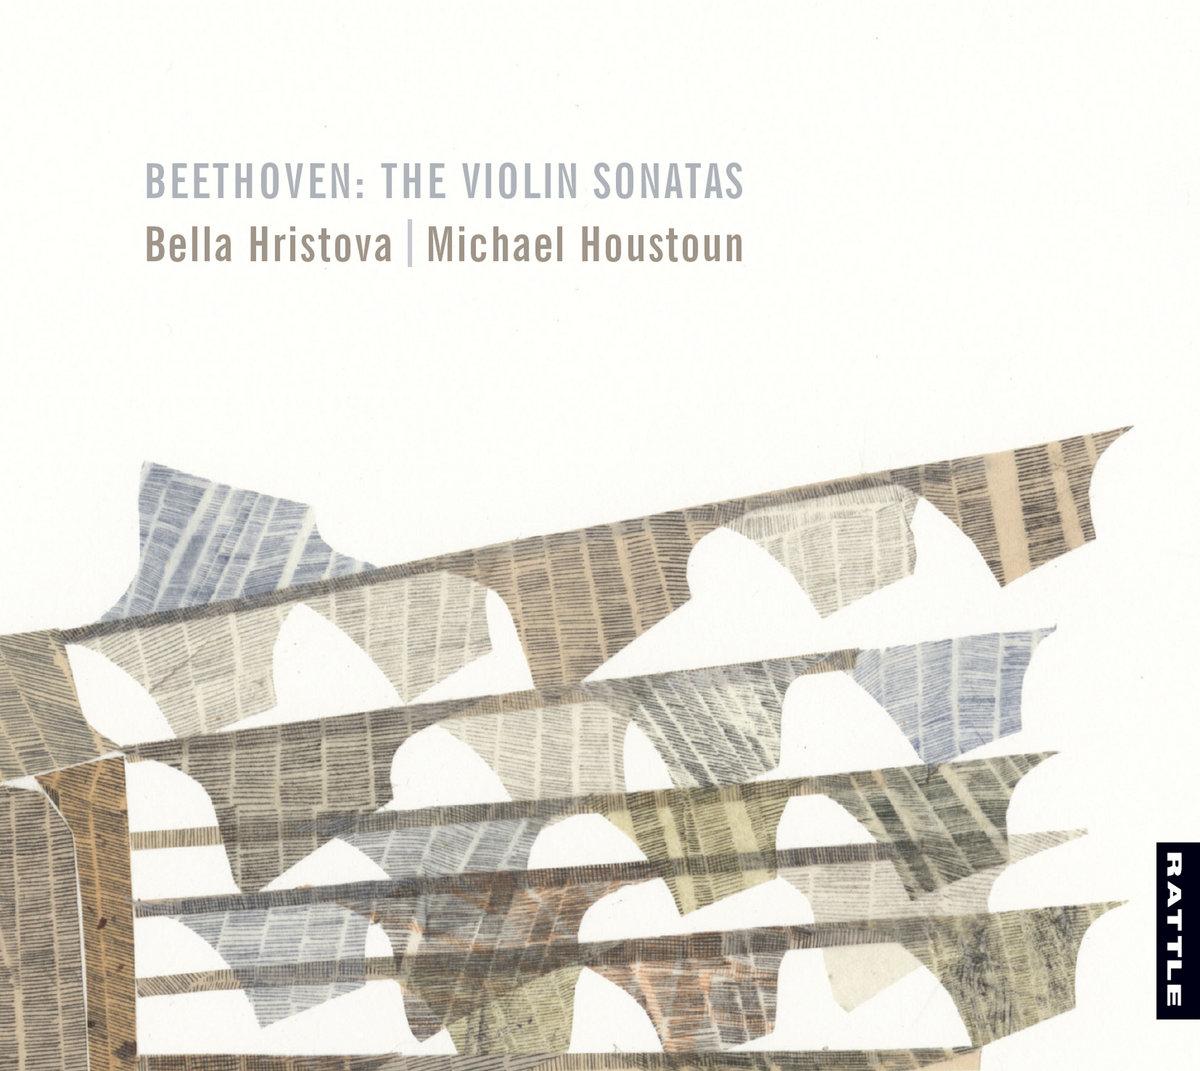 Beethoven Violin Sonatas | Rattle Records